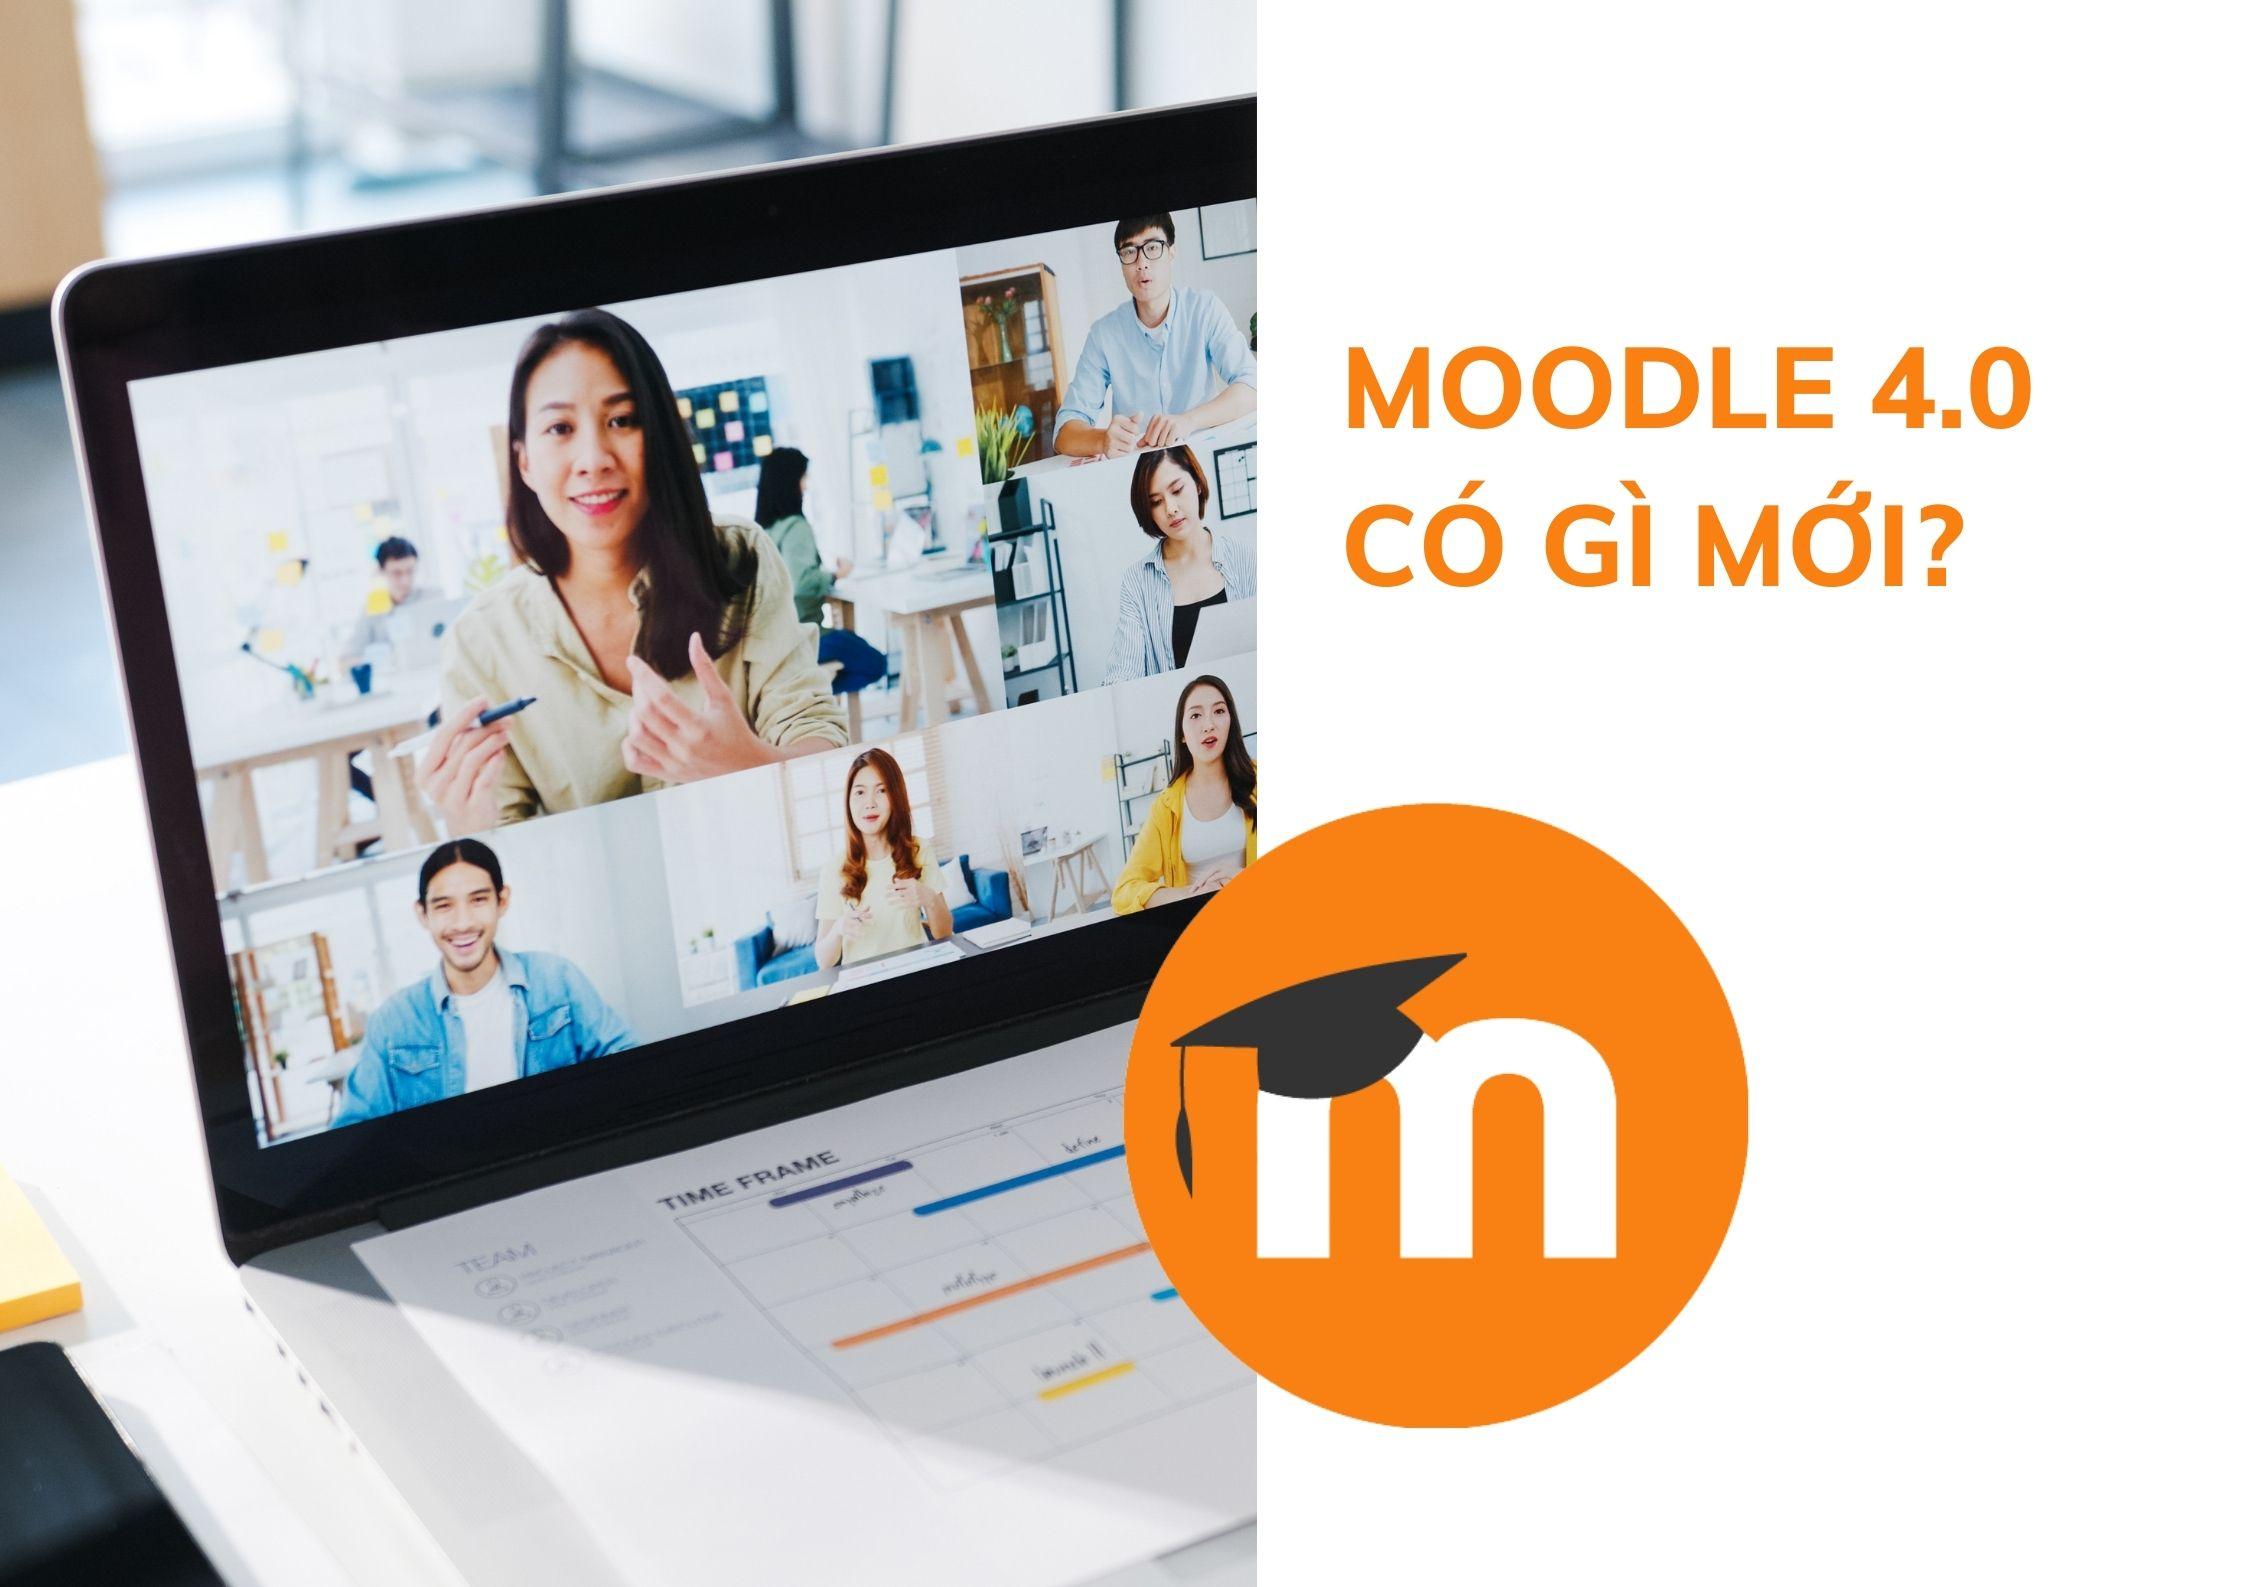 blog-linedu-moodle-4.0